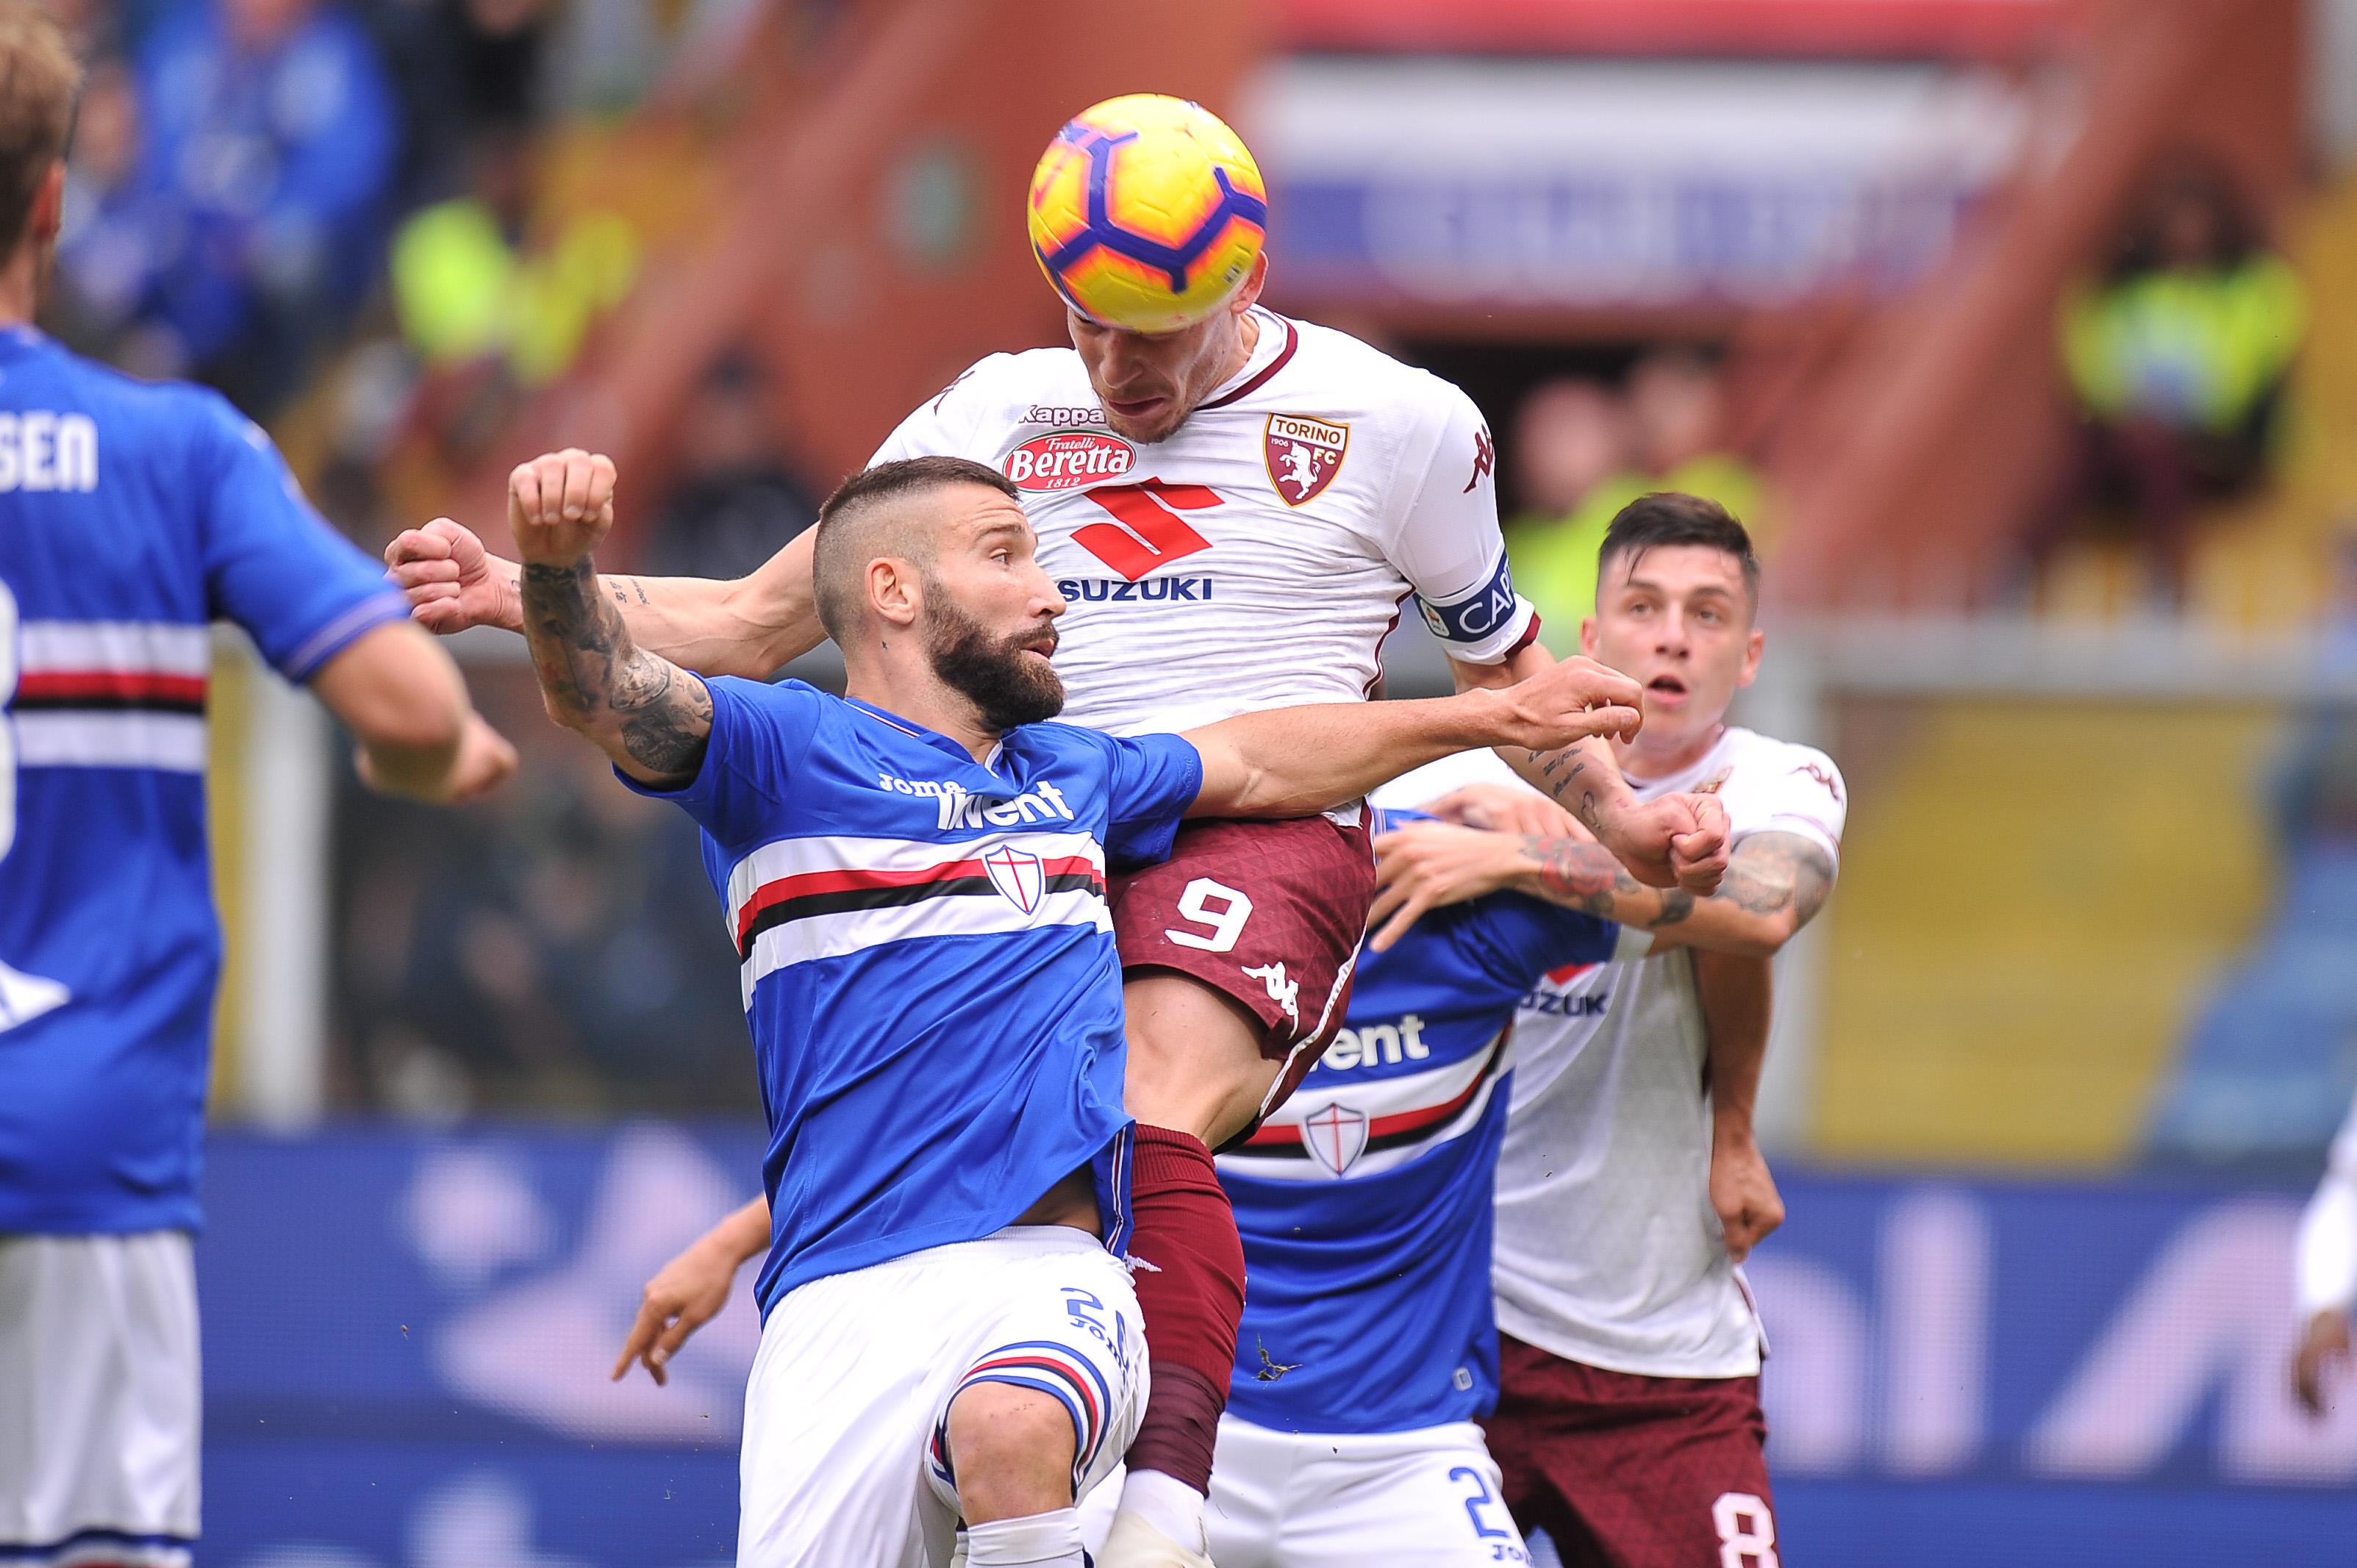 04.11.2018, Genua, Serie A 2018/2019, Sampdoria Genua - Torino FC N/z: Andrea Belotti, Foto Norbert Barczyk / PressFocus